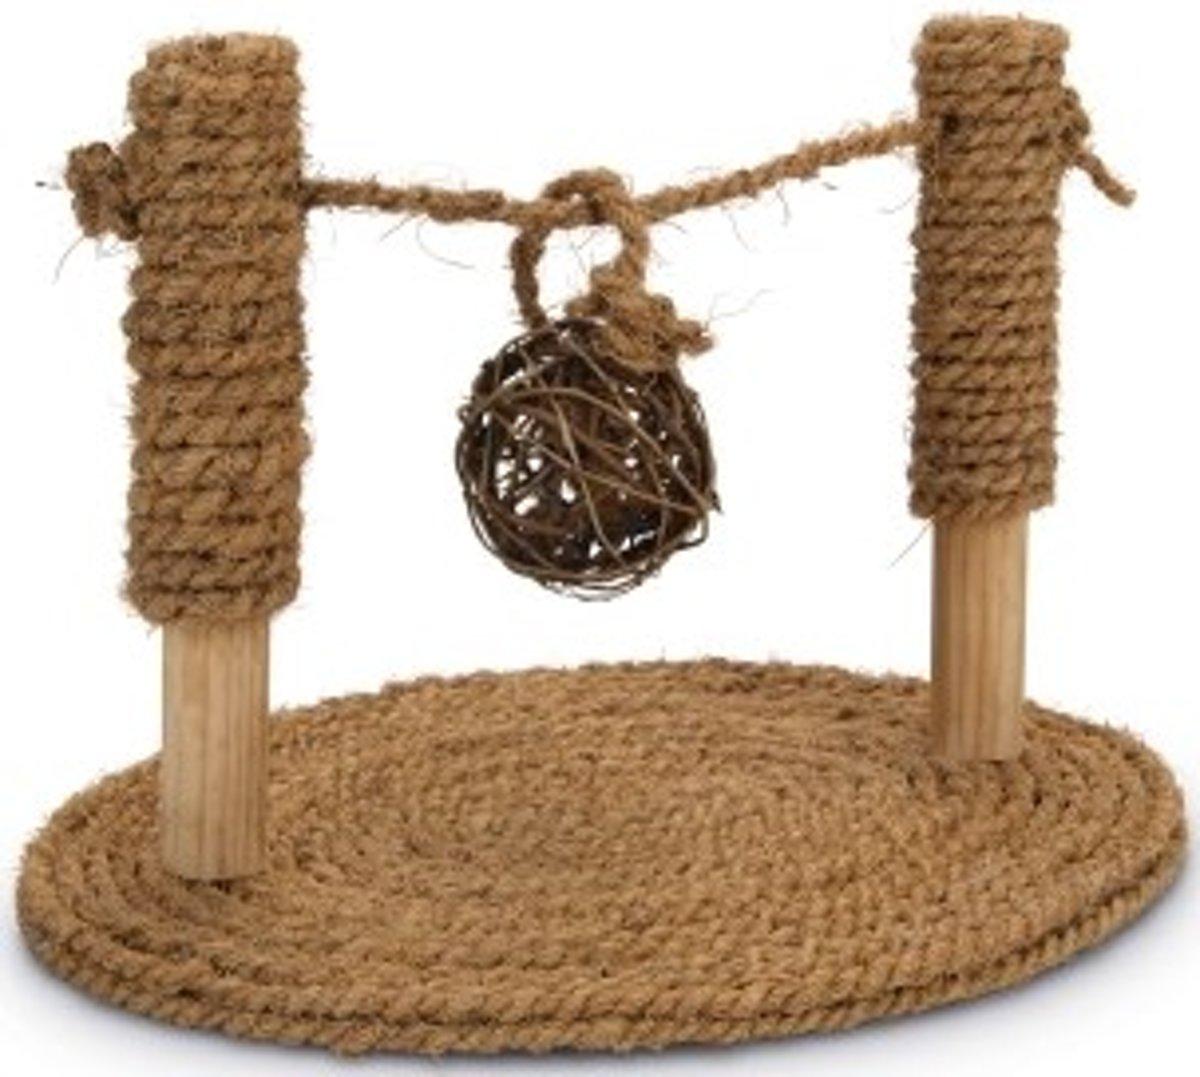 Beeztees knaagdierspeelgoed Coconut Rope speelbrug